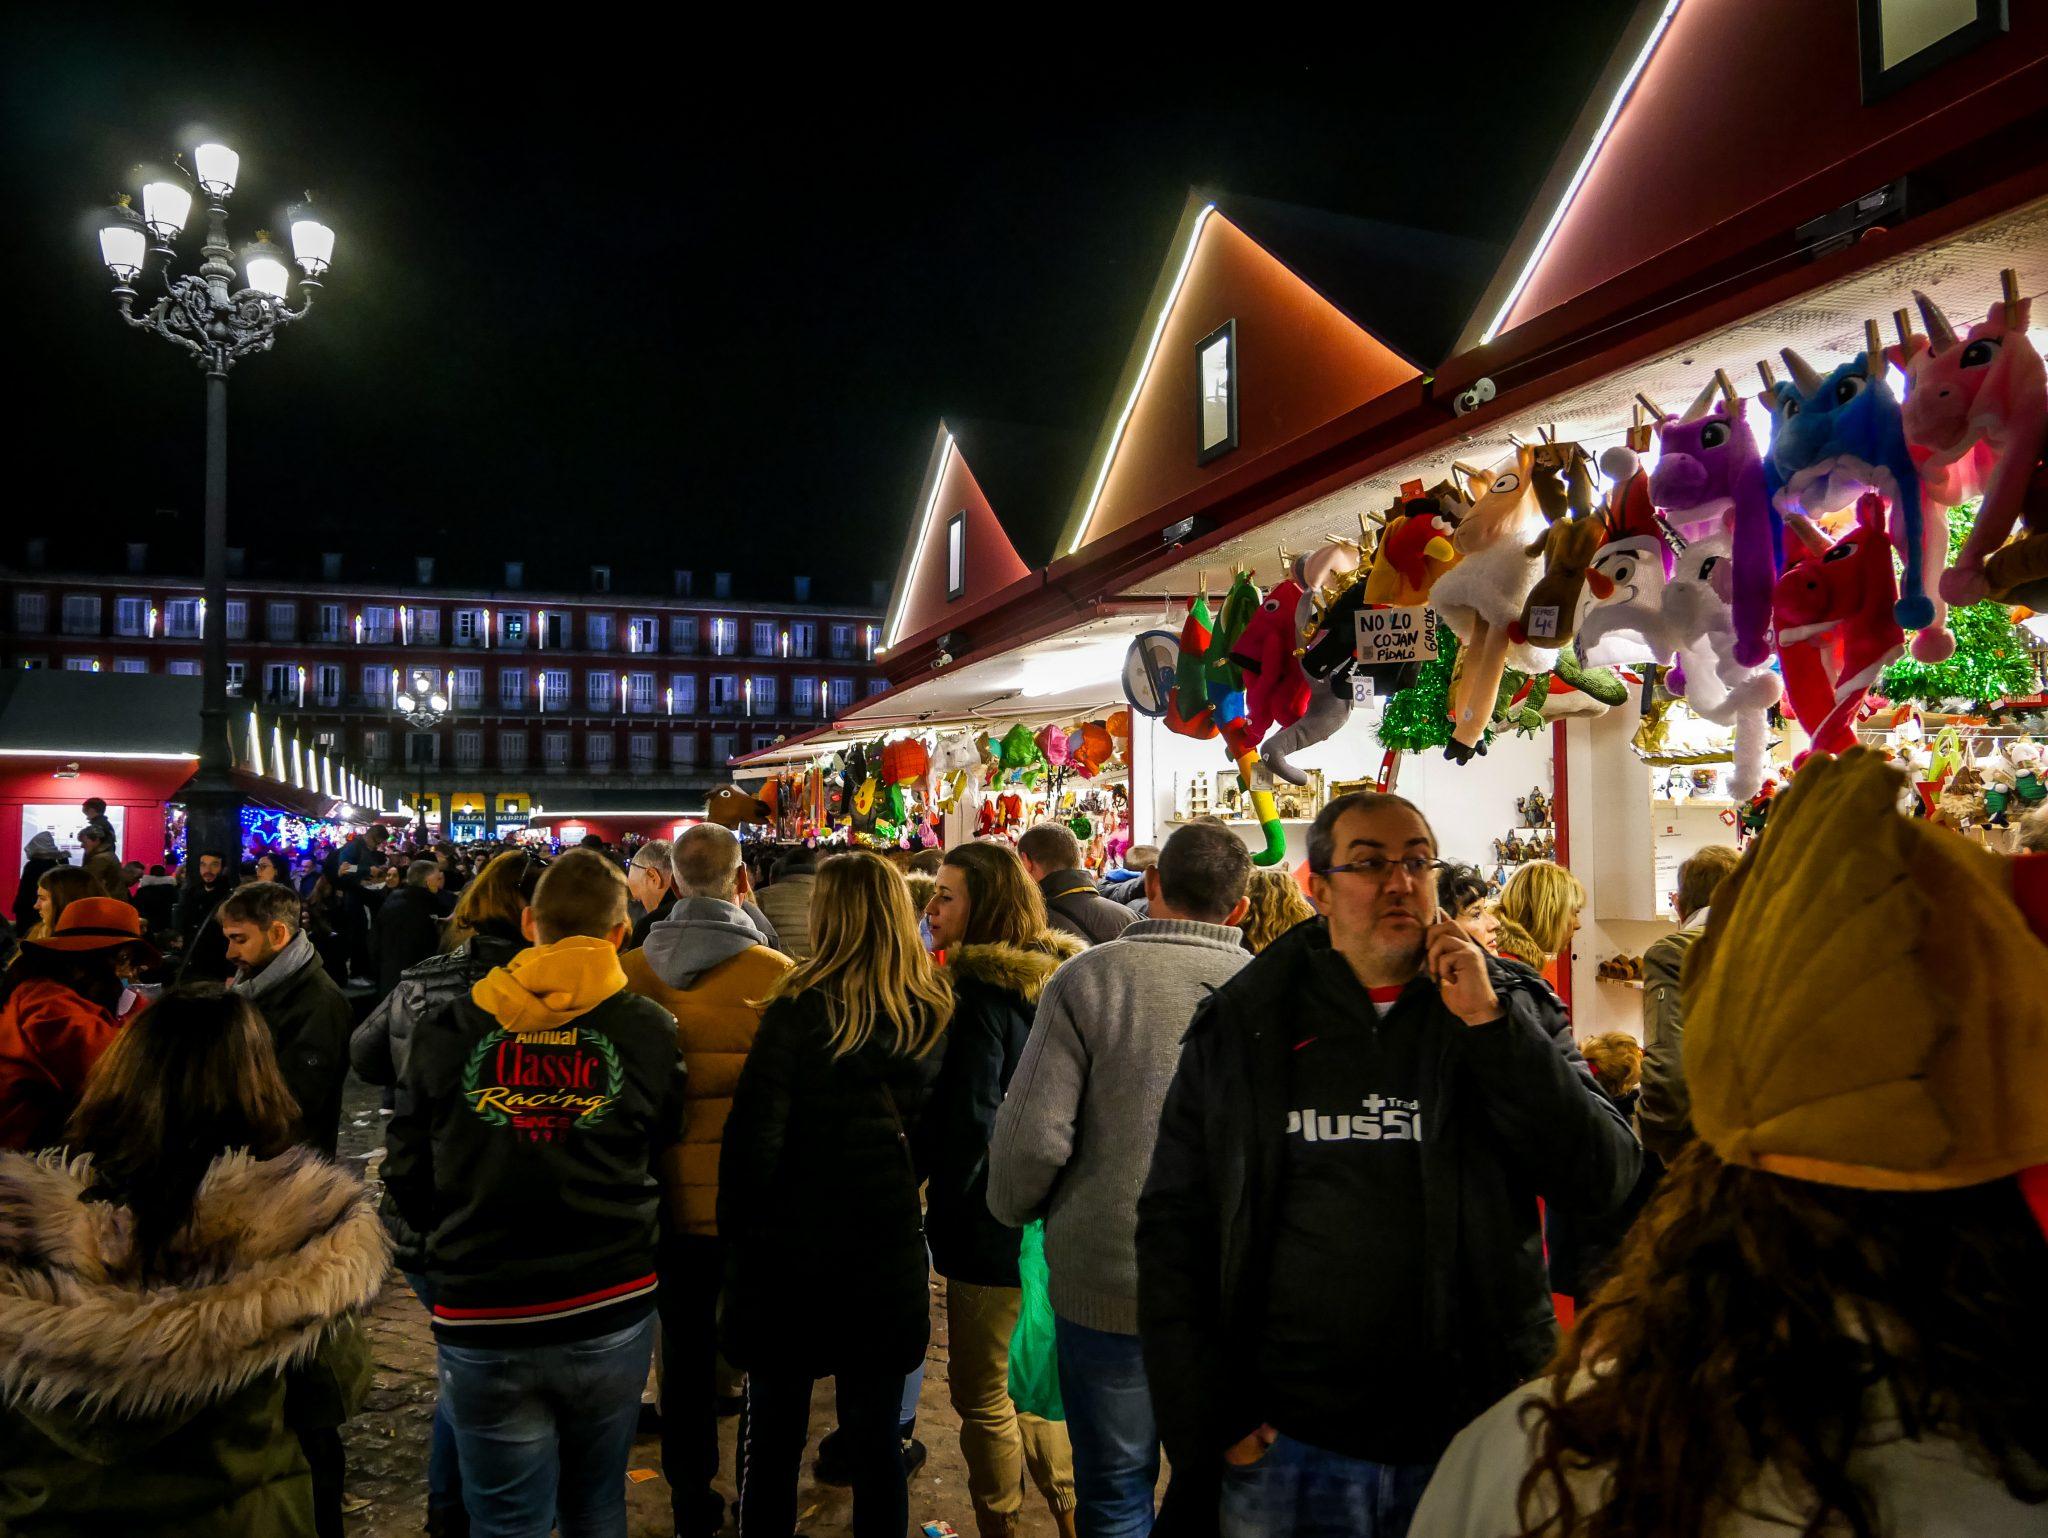 Auf dem Weihnachtsmarkt kannst du ganz viele verschiedene Weihnachtsgegenstände kaufen.